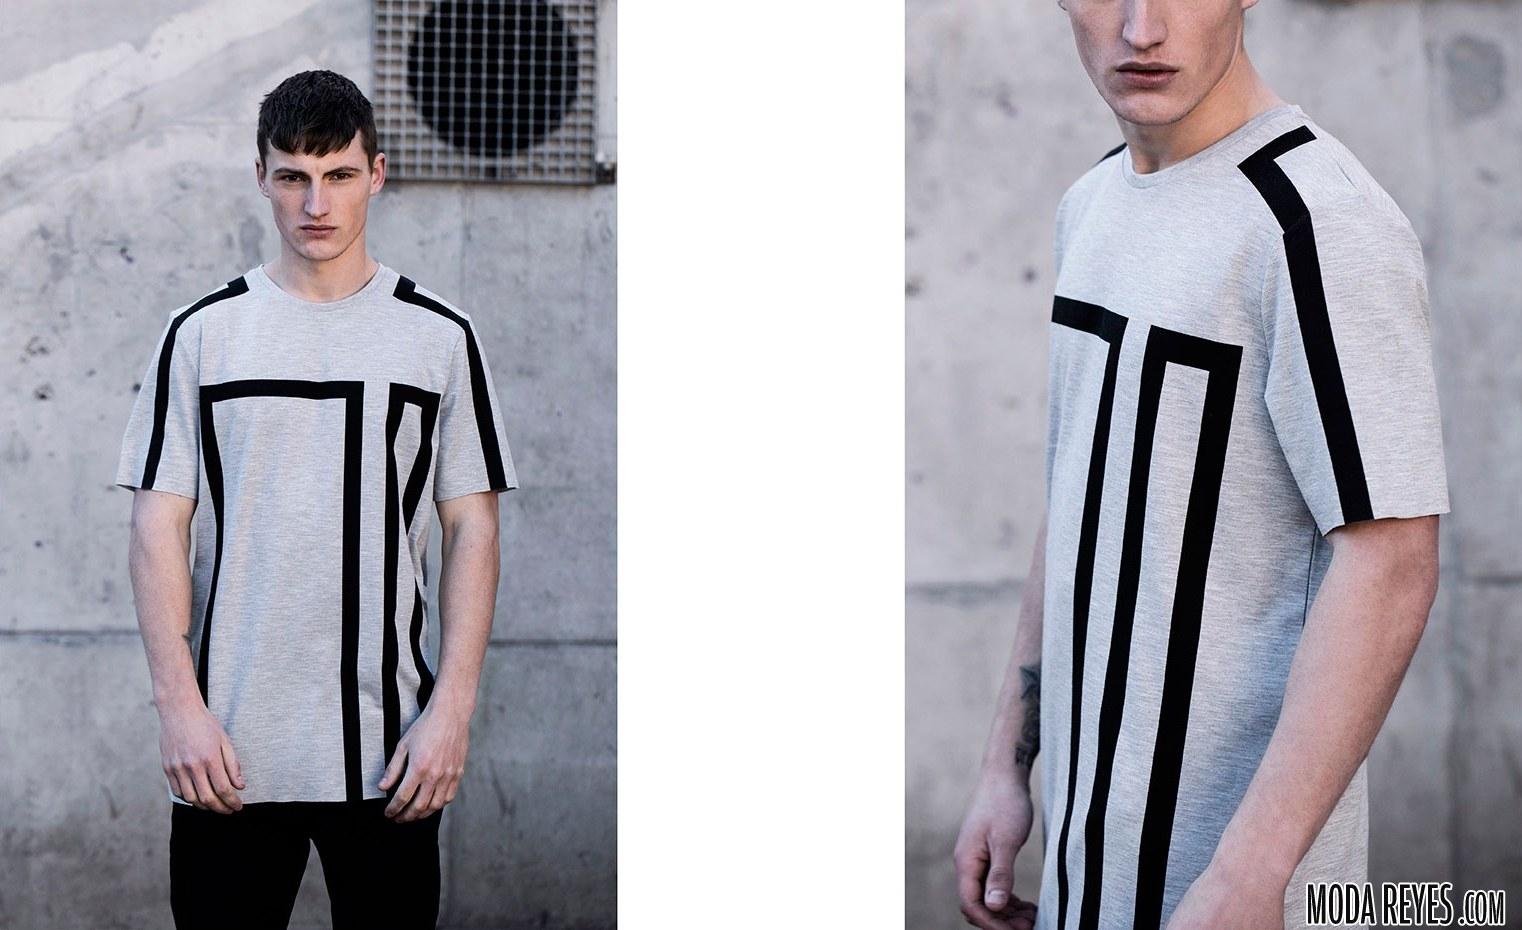 camisetas con estampado geométrico de bershka